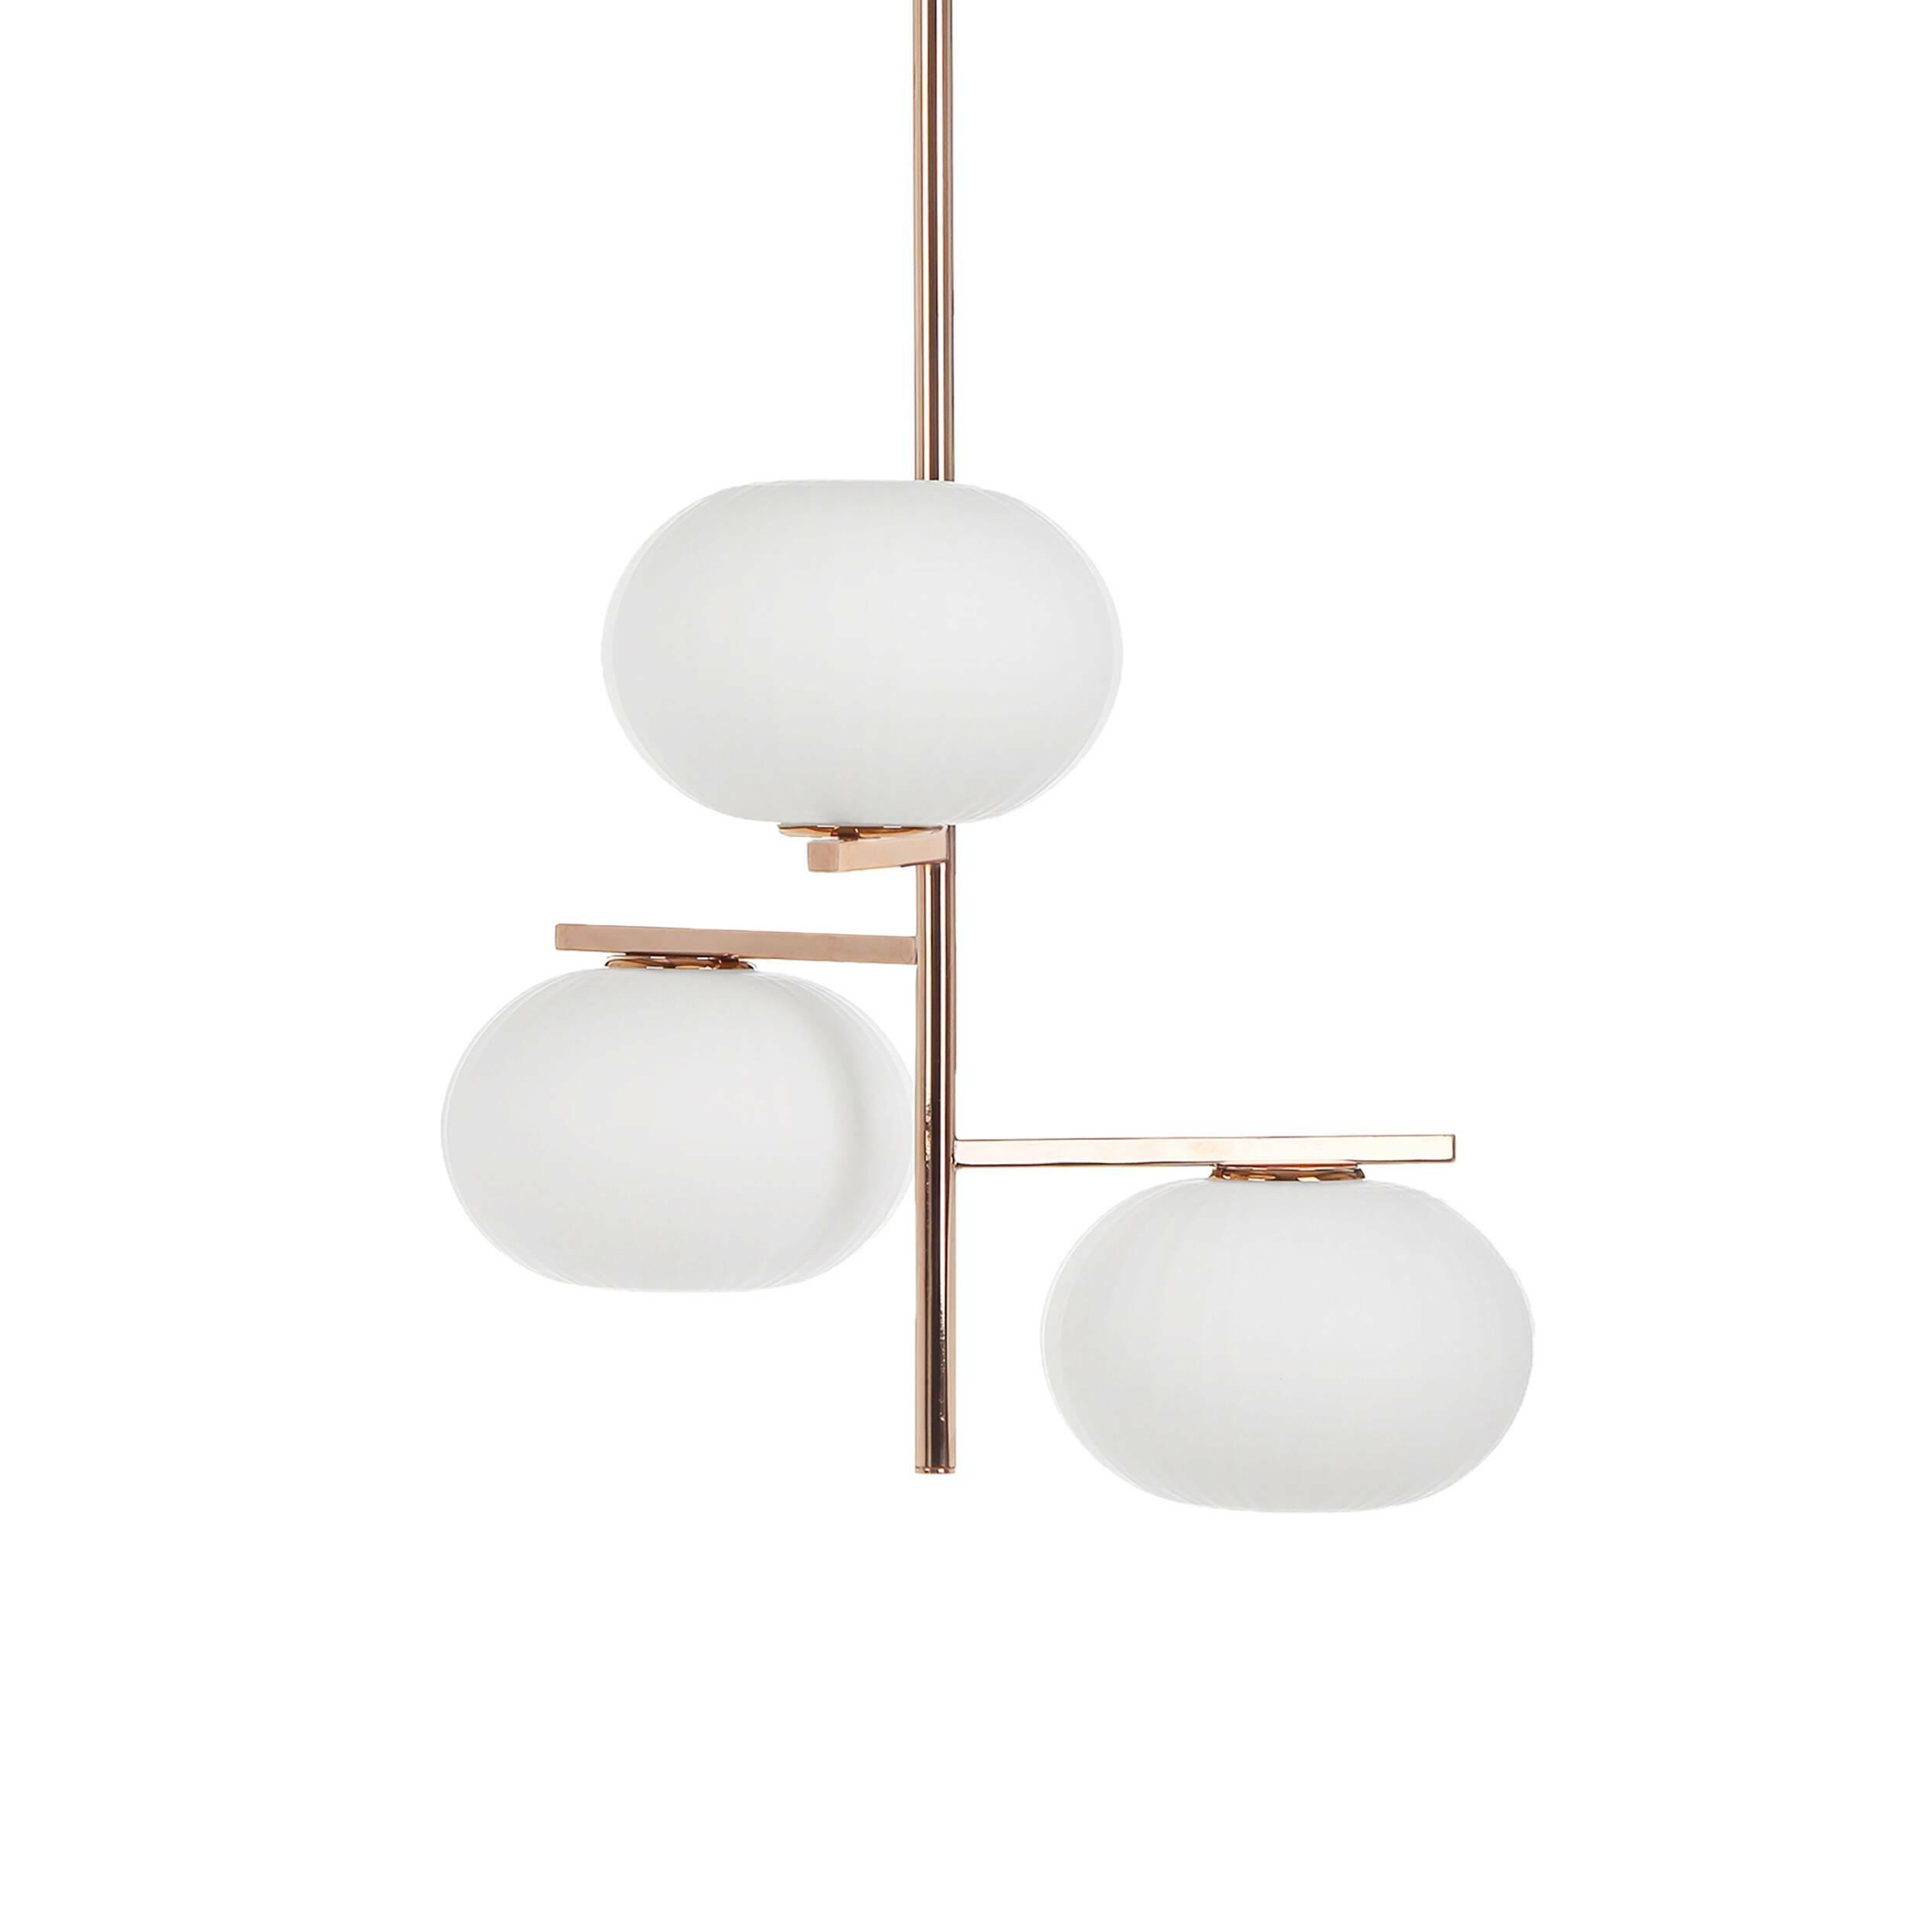 Потолочный светильник ChiemseeПотолочные<br>Высокий дизайнерский потолочный светильник Chiemsee (Кимзе) – это гармоничная композиция и оригинальное сочетание сразу нескольких стилей. Модель обладает лаконичным оформлением, четкими линиями и контрастной цветовой гаммой – то что надо для создания интерьера в соответствии с самыми современными тенденциями.<br><br><br> Эту модель светильника изготавливают из стекла и стали. Изделие устойчиво к износу и не боится воздействия внешних факторов. Светильник предназначен для трех ламп, тип цоколя...<br><br>stock: 9<br>Высота: 94<br>Ширина: 57<br>Длина: 61<br>Количество ламп: 3<br>Материал абажура: Стекло<br>Материал арматуры: Сталь<br>Мощность лампы: 40<br>Тип лампы/цоколь: E14<br>Цвет абажура: Белый<br>Цвет арматуры: Золото розовое